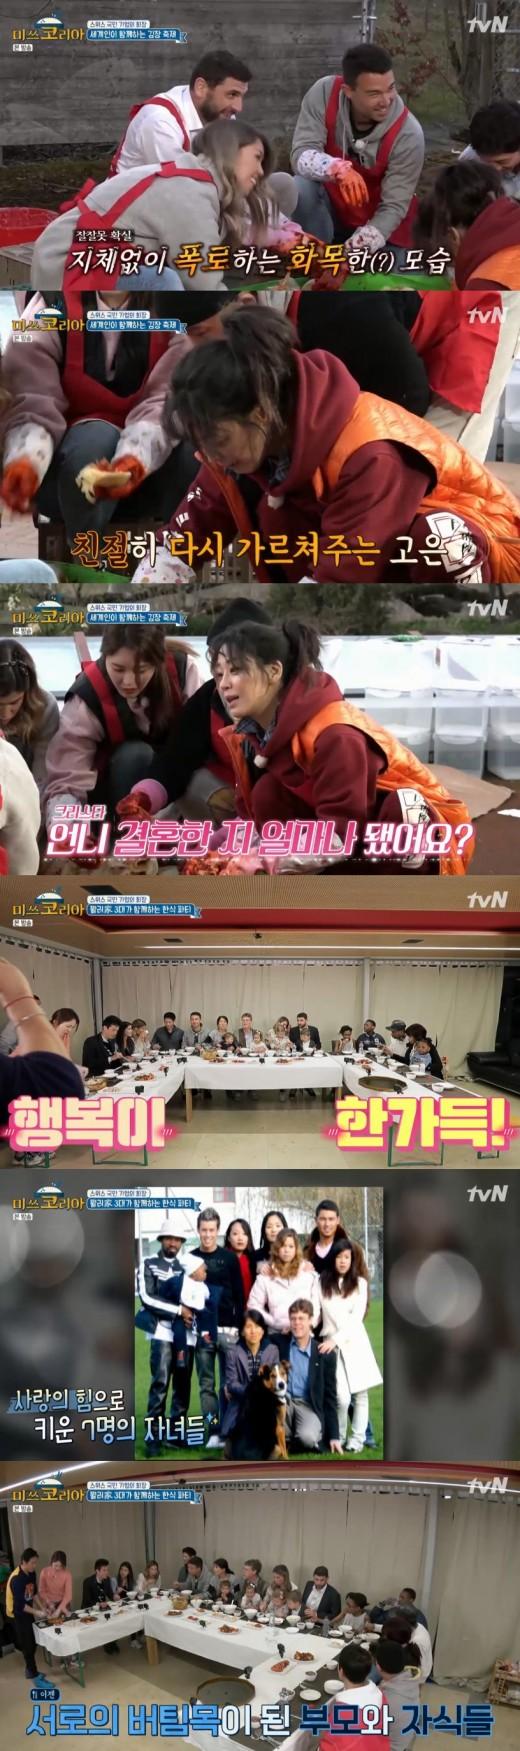 """""""유일한 버팀목""""... '미쓰코리아' 가족의 소중함 전하며 종영[종합]"""